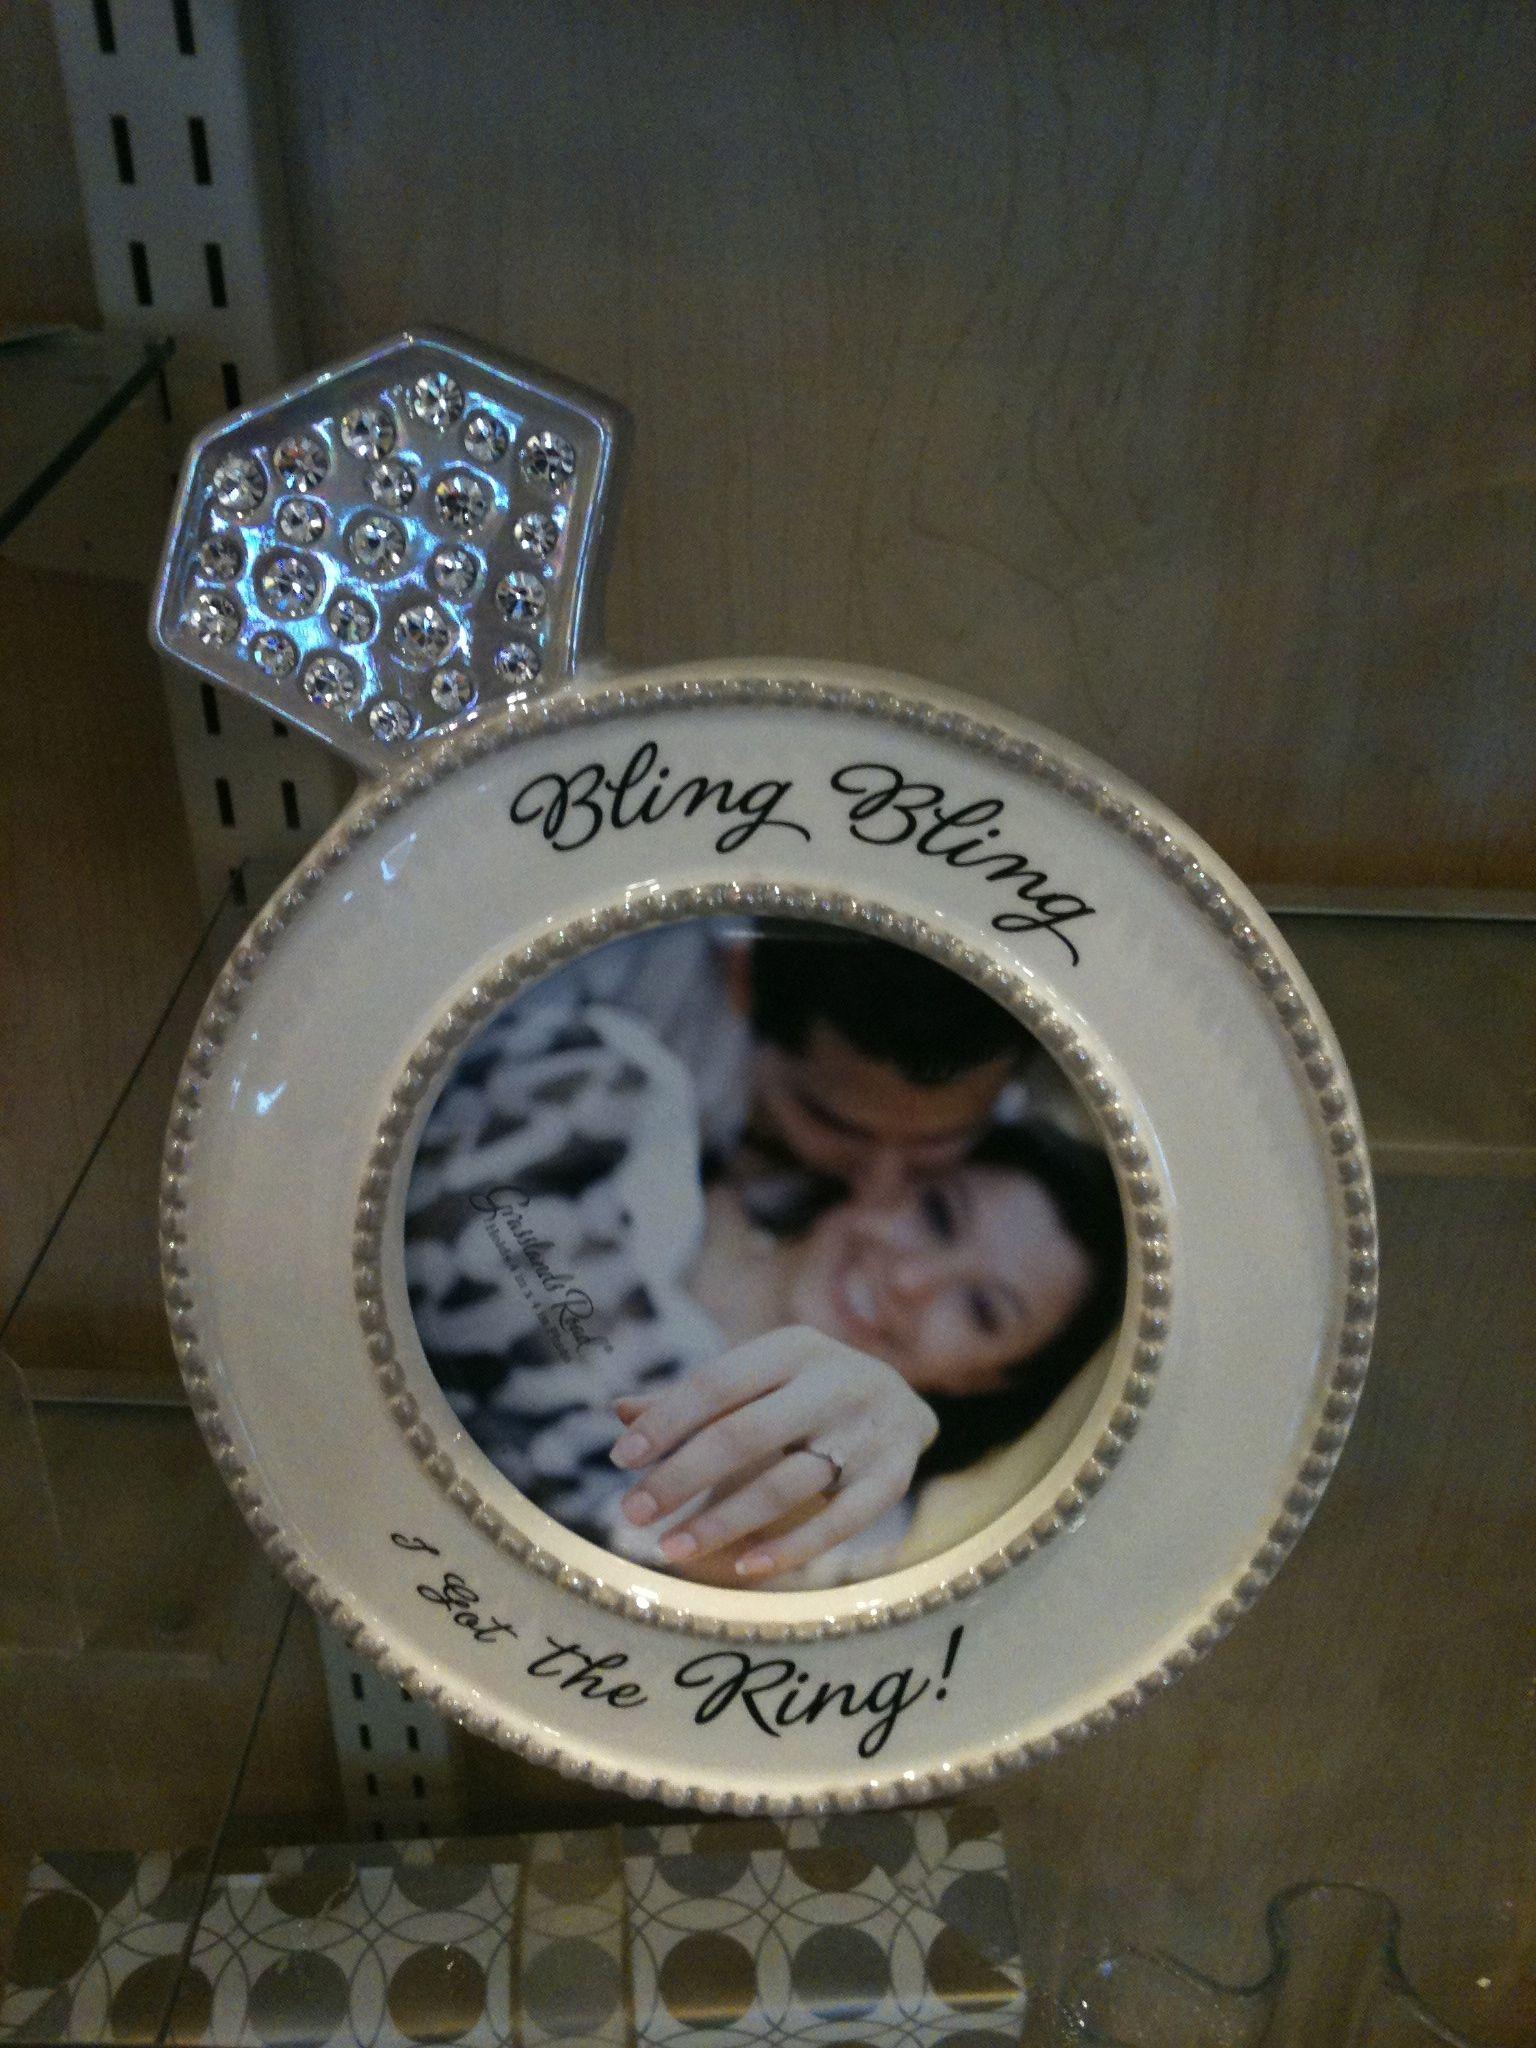 Bling Bling I Got The Ring Frame At Anns Hallmark Store In Nj